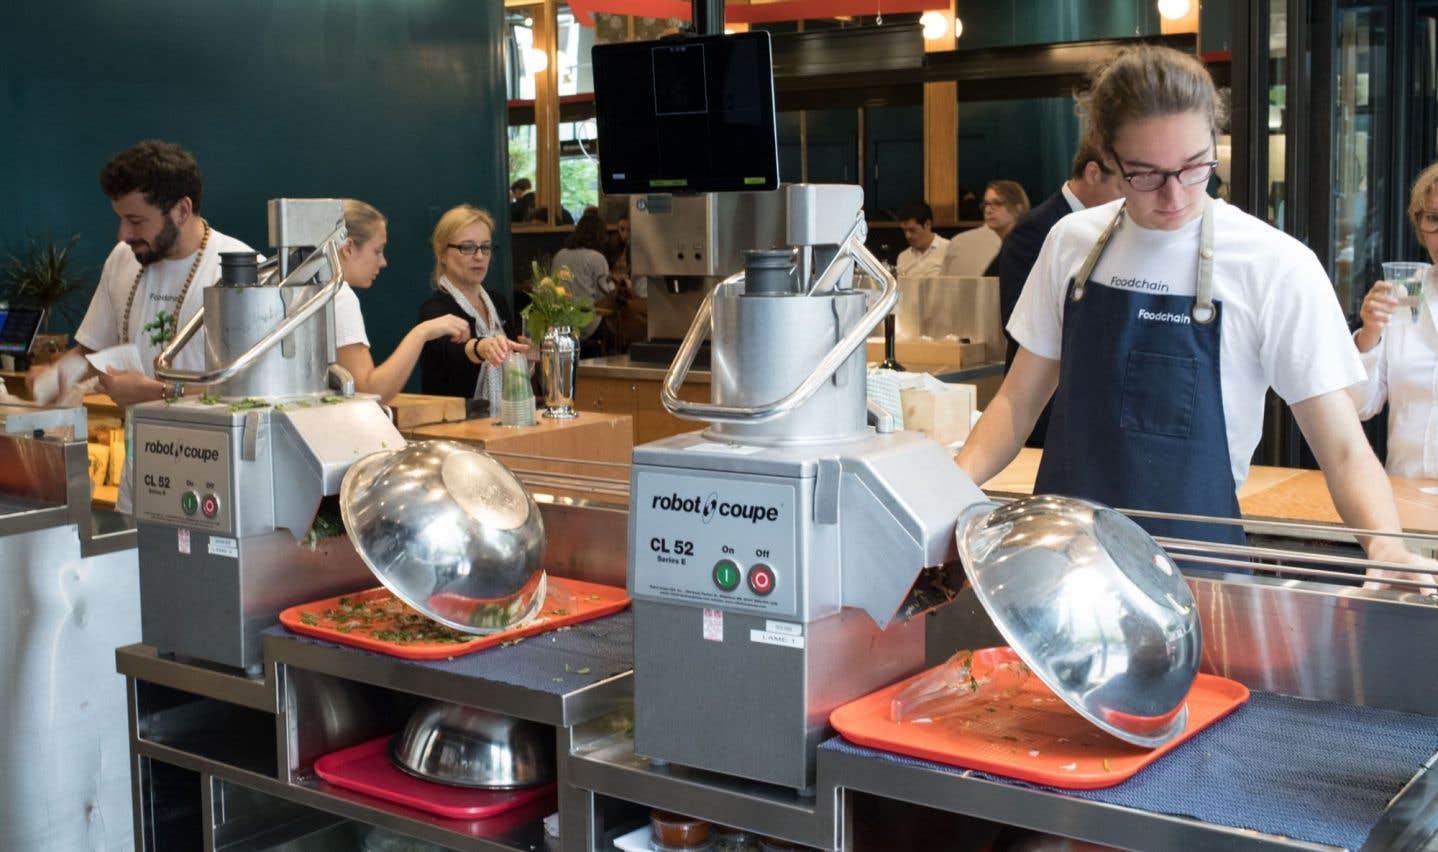 Foodchain propose huit plats de légumes découpés en fines lamelles et servis en un clin d'œil. Huit mélanges originaux.